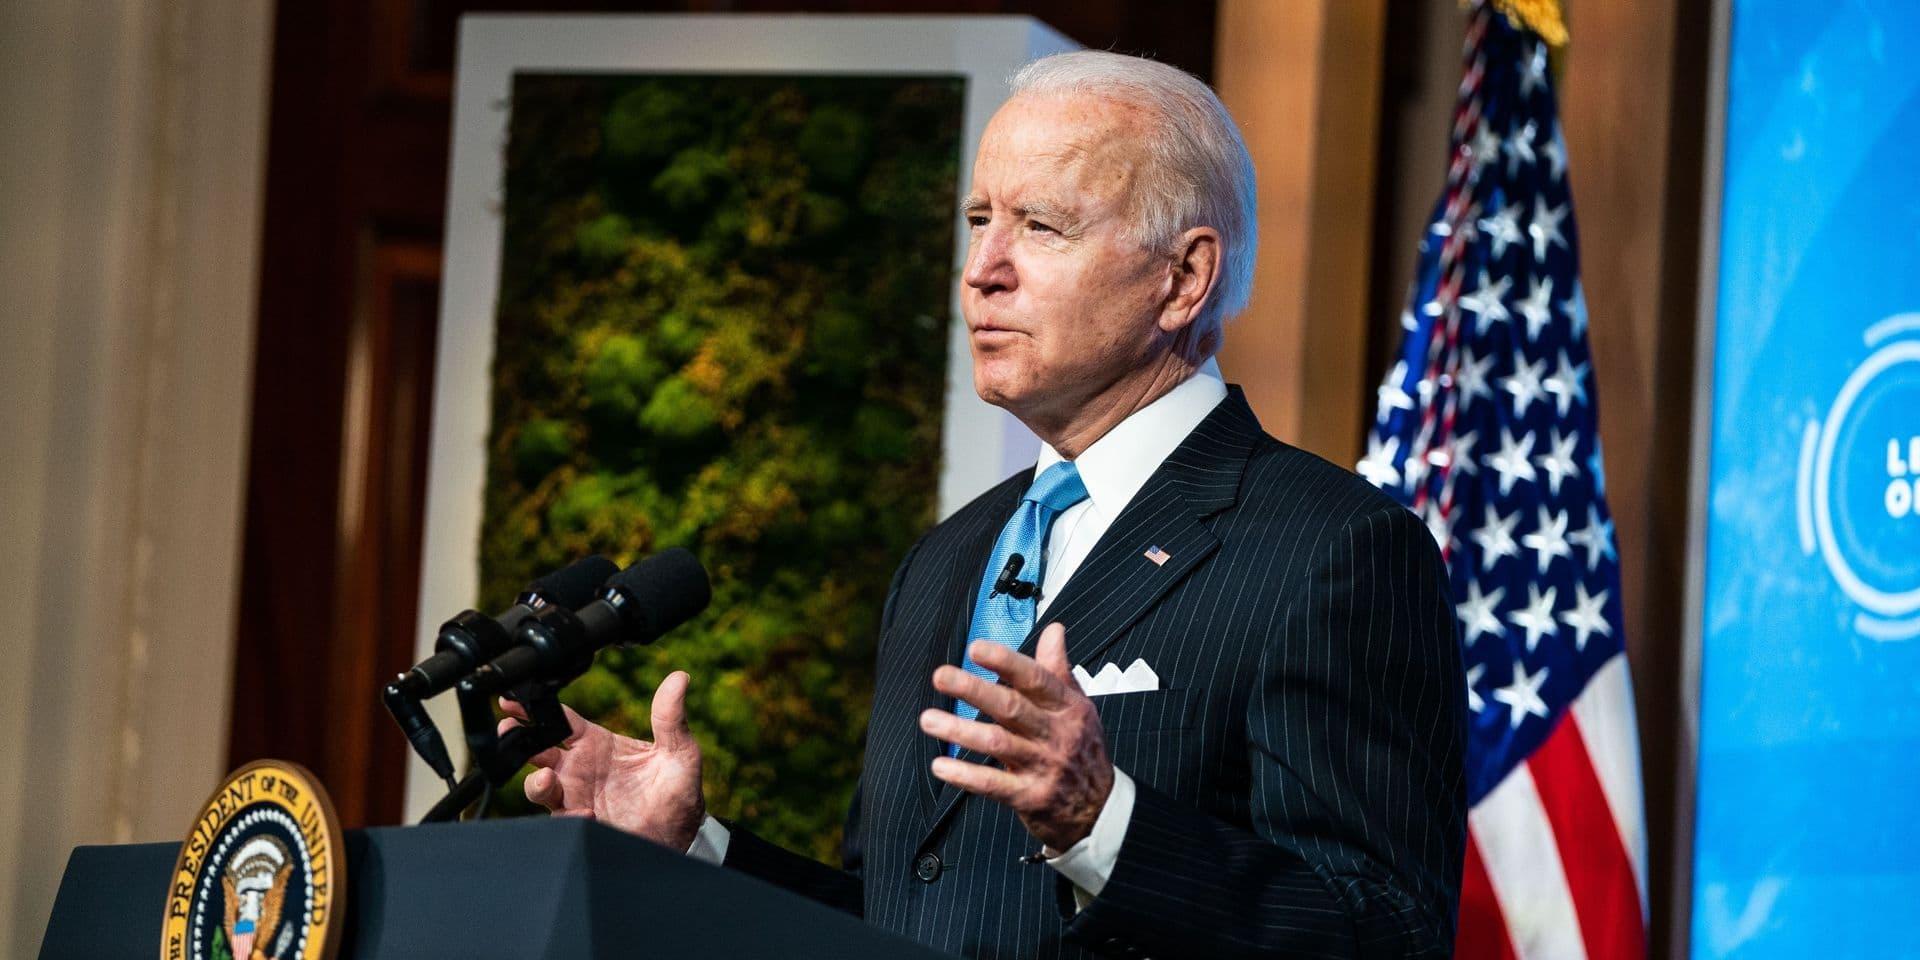 Joe Biden veut augmenter les impôts pour les 0,3% les plus riches